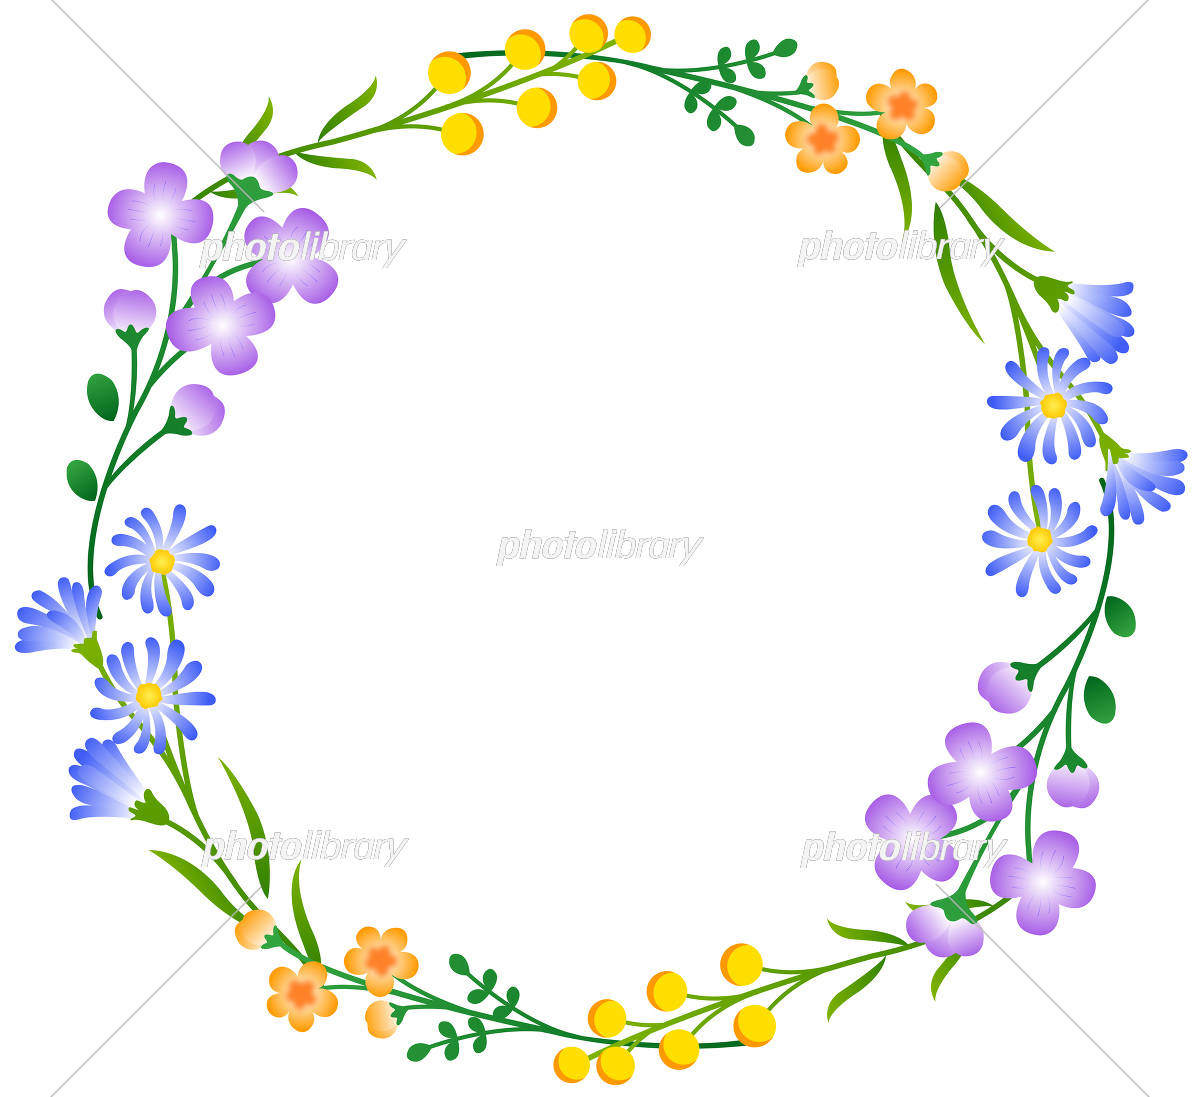 花のフレーム 丸 イラスト素材 [ 5545327 ] - フォトライブラリー